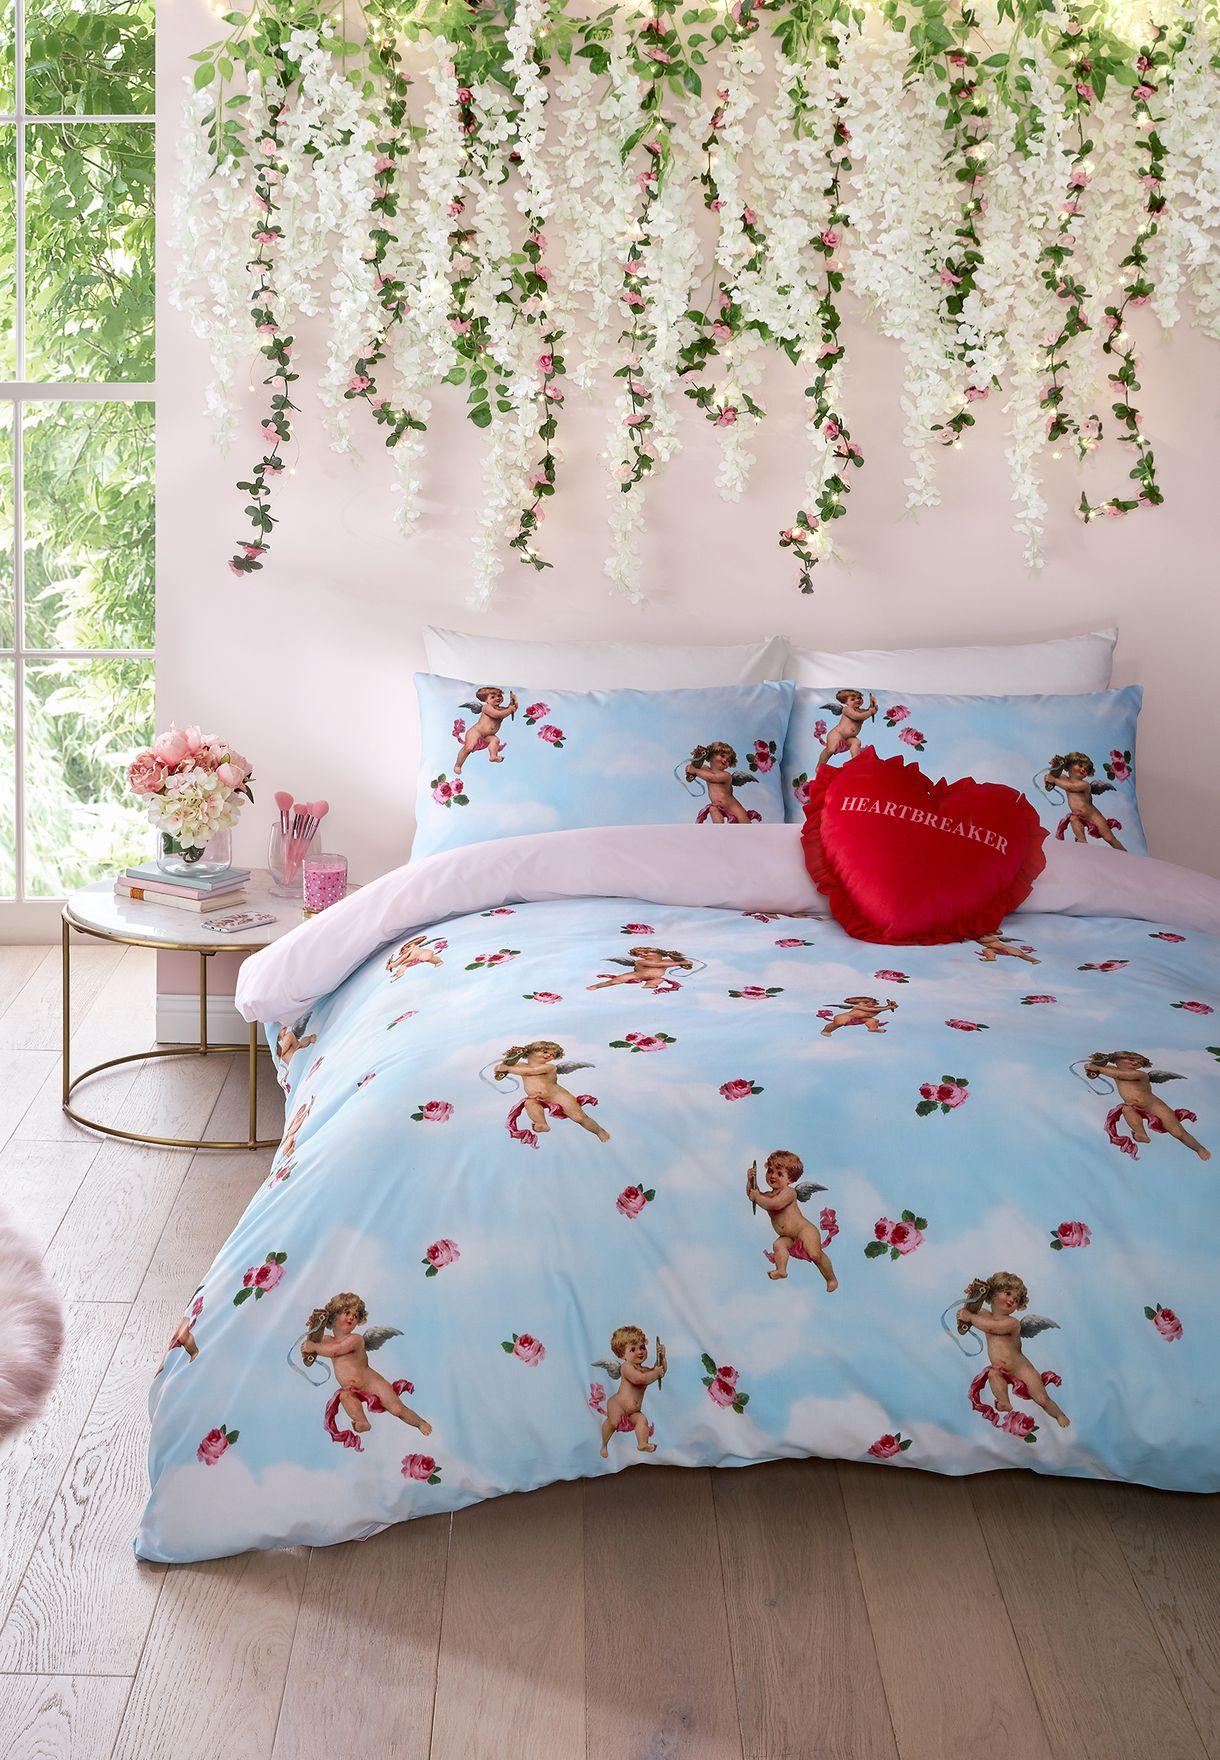 Cherub King Quilt Bedding Set 230 x 220cm